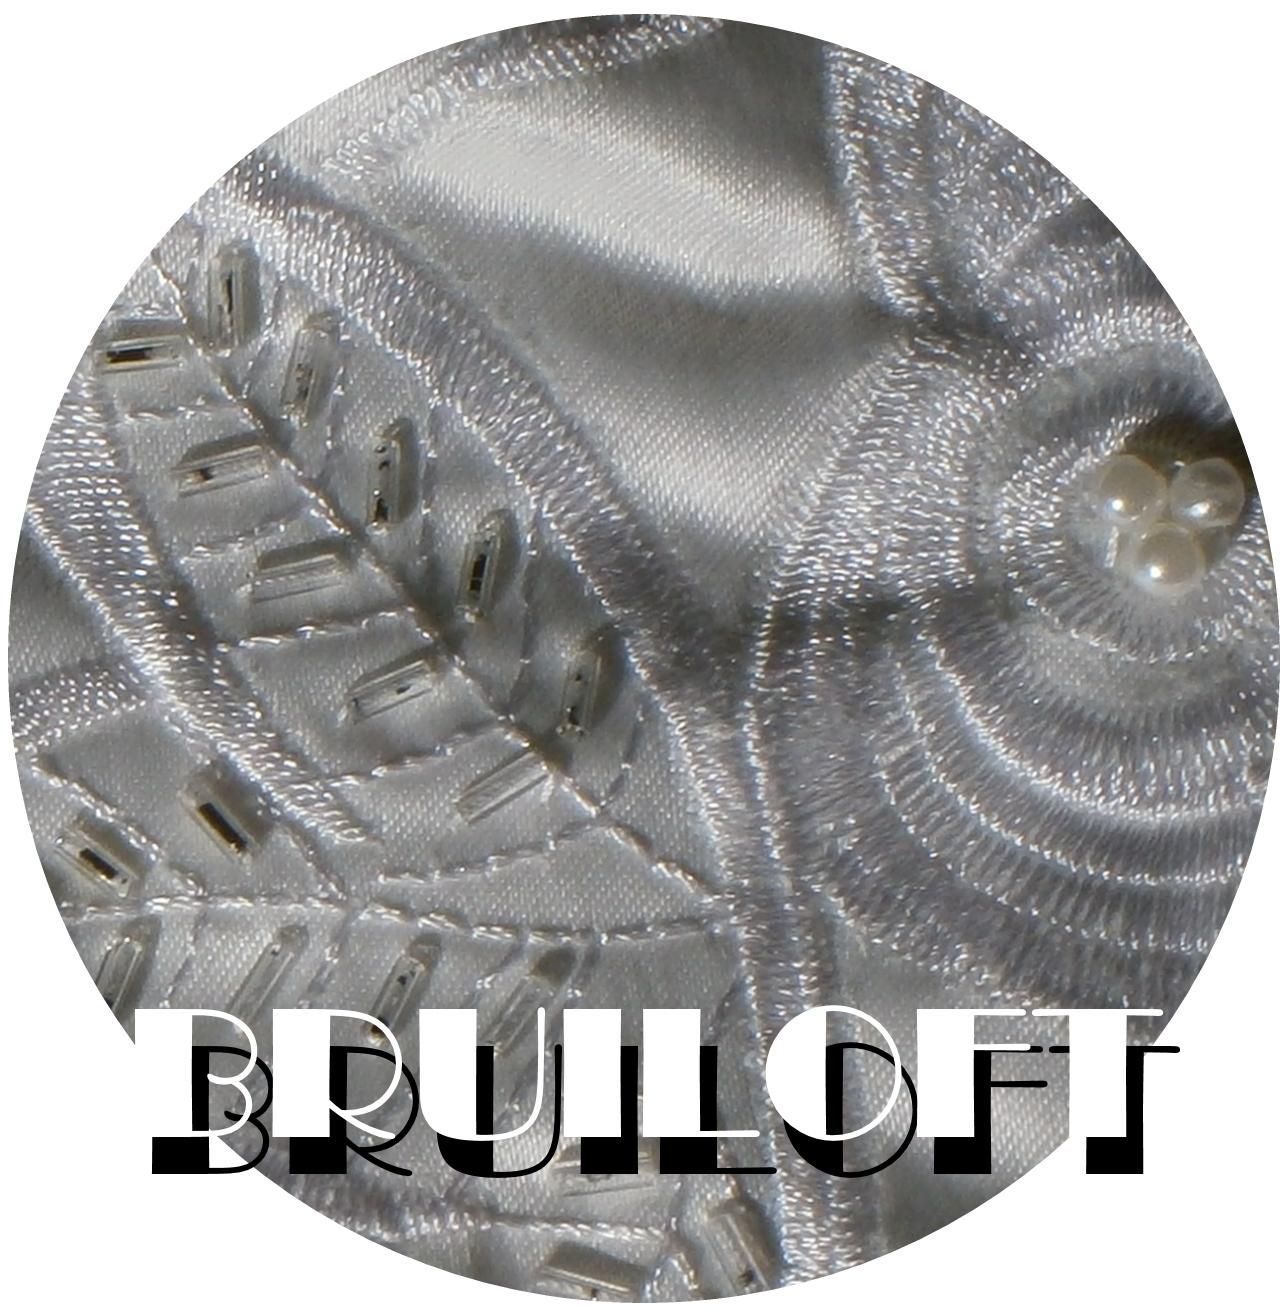 http://diybruiloft.blogspot.nl